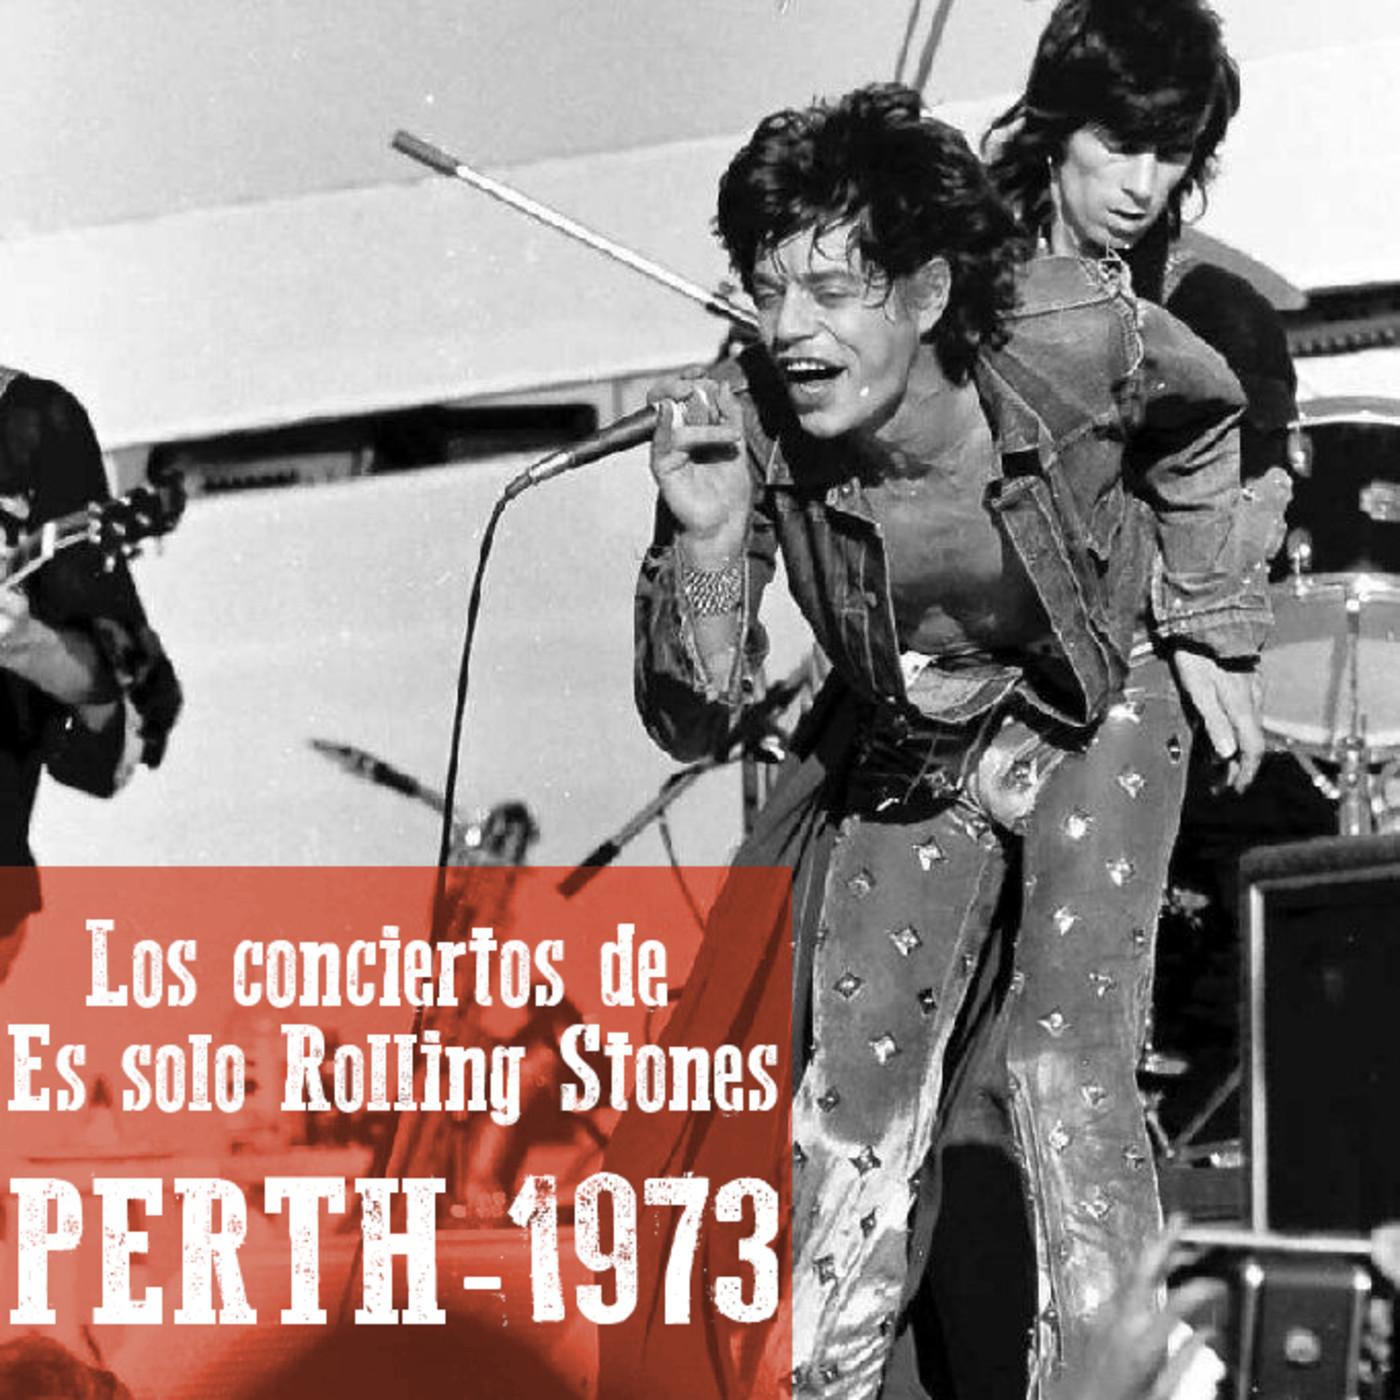 PERTH 1973 - Los conciertos de Es solo Rolling Stones